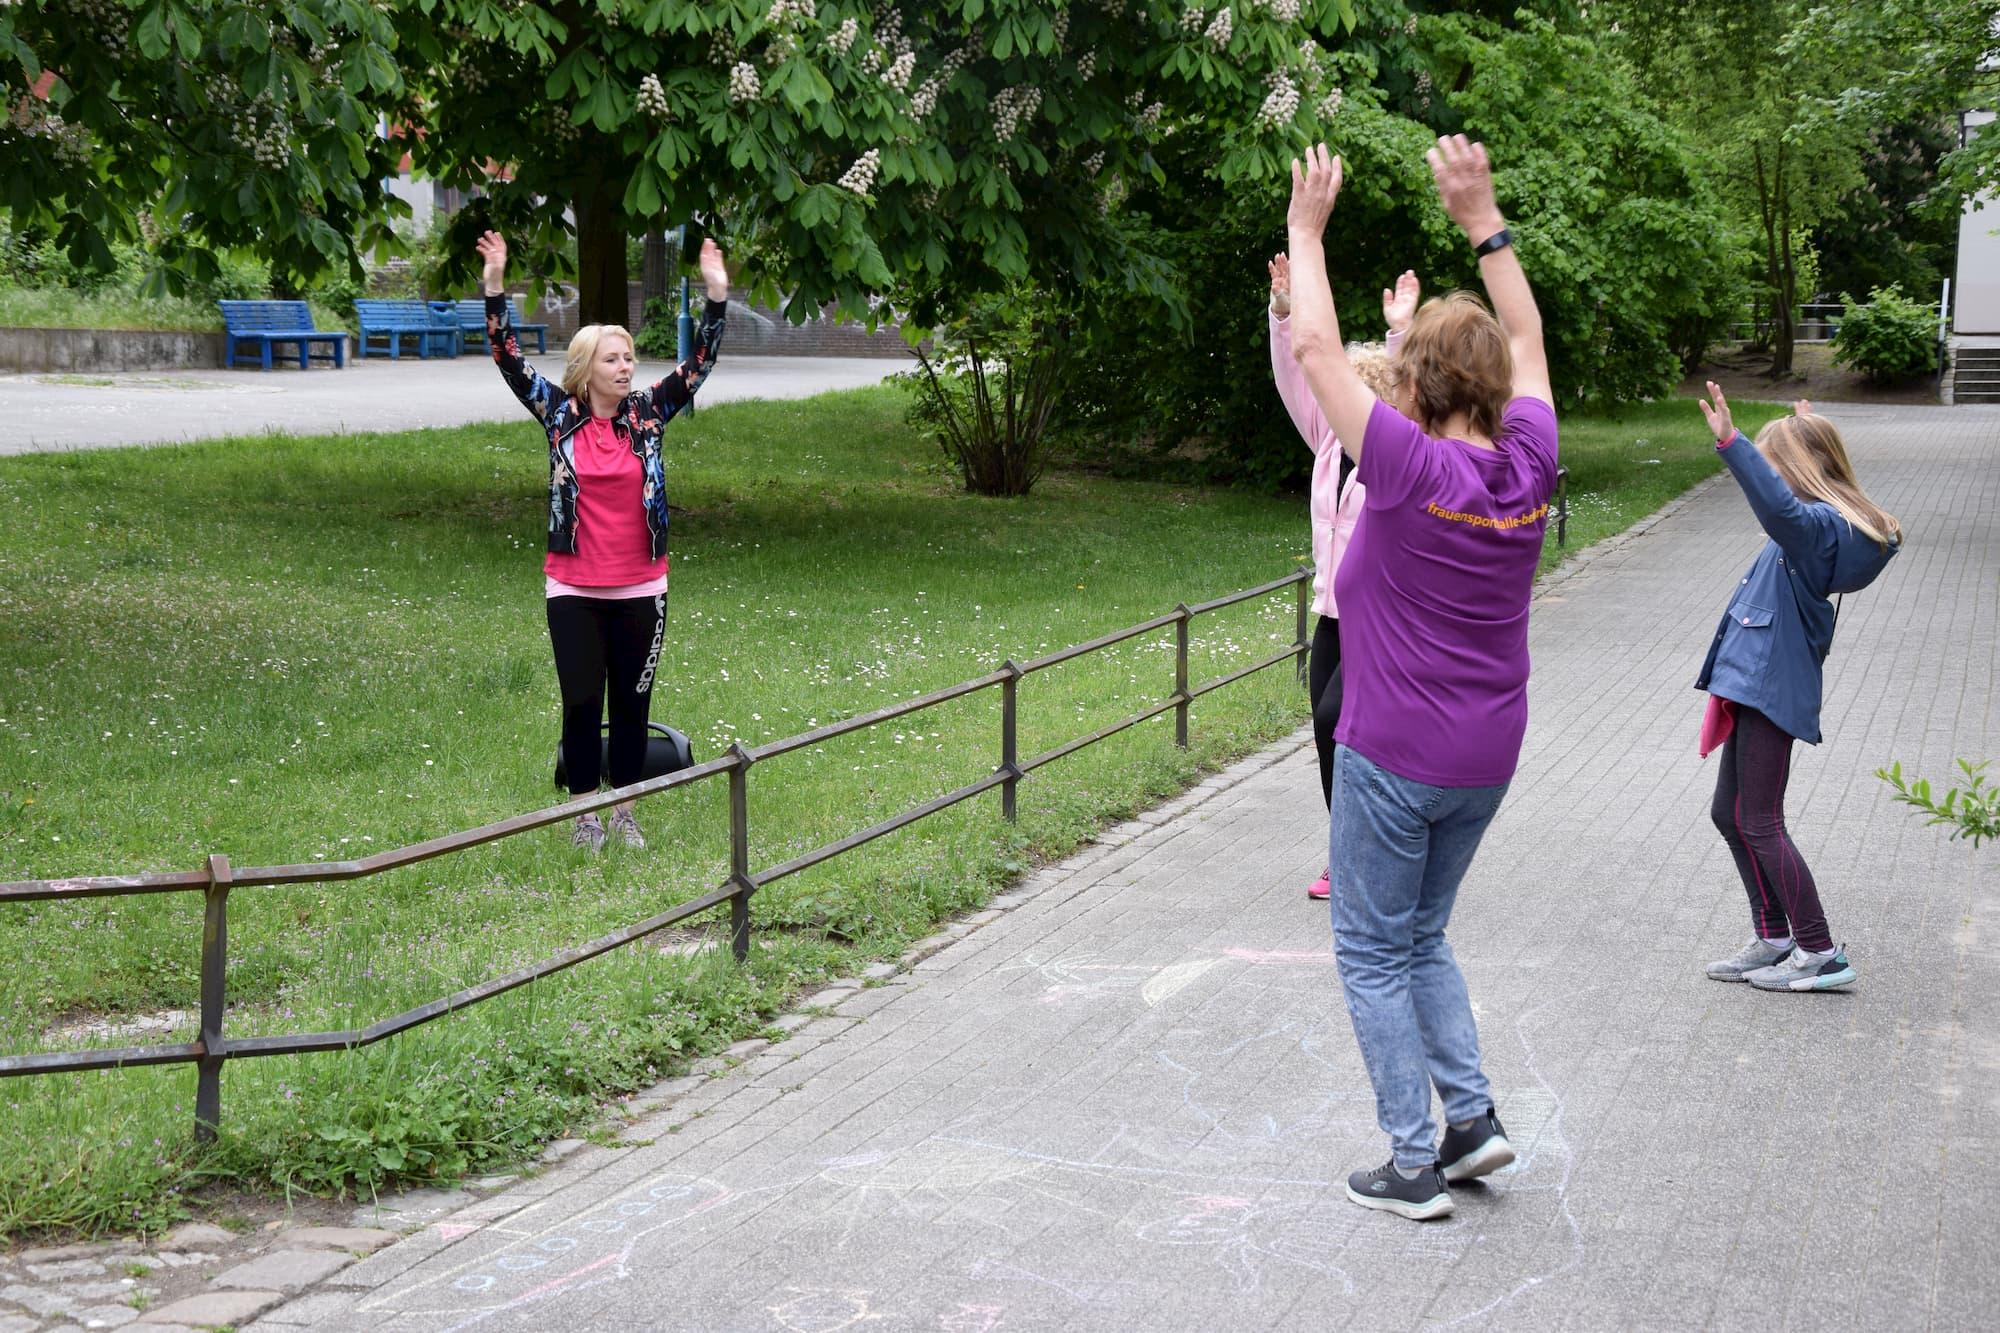 Eine gemischte Gruppe macht gemeinsam Sport im Park und streckt die Hände nach oben. Es sind 3 Frauen und 1 kleines Mädchen im Grundschulalter zu sehen